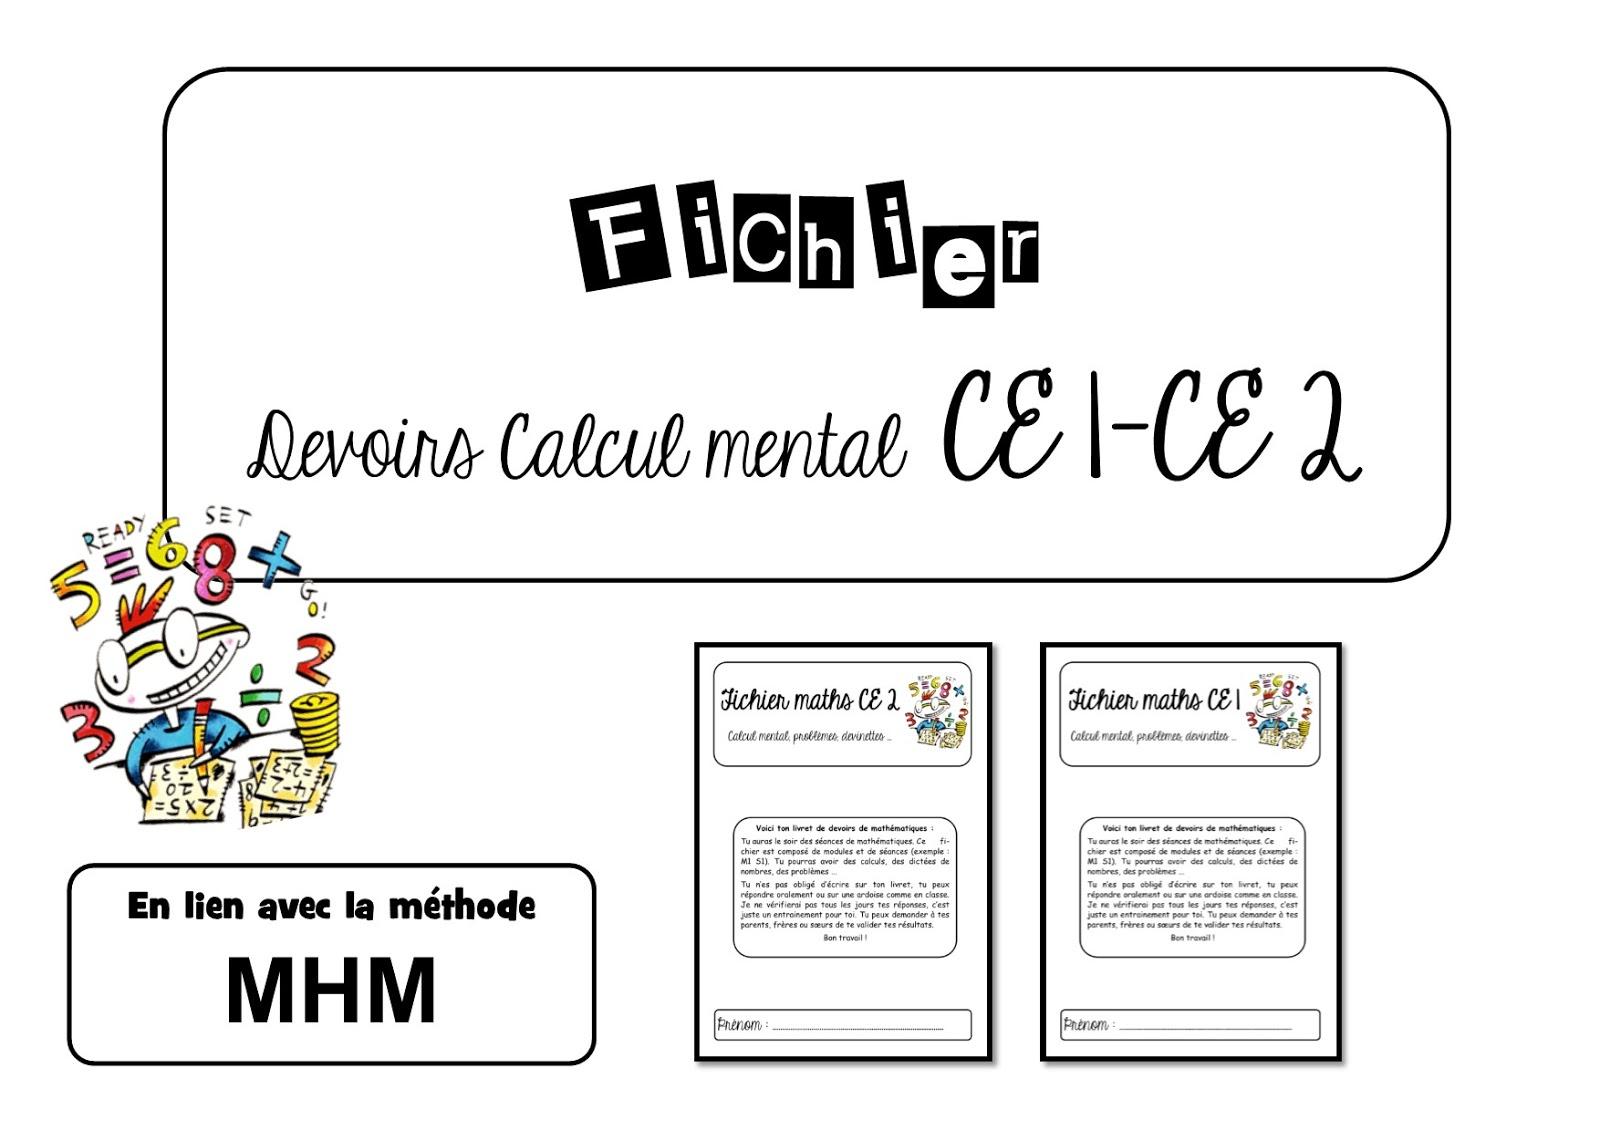 La Classe De Virginia: Fichier Devoirs Maths Ce1-Ce2 Méthode Mhm encequiconcerne Exercice Problème Ce1